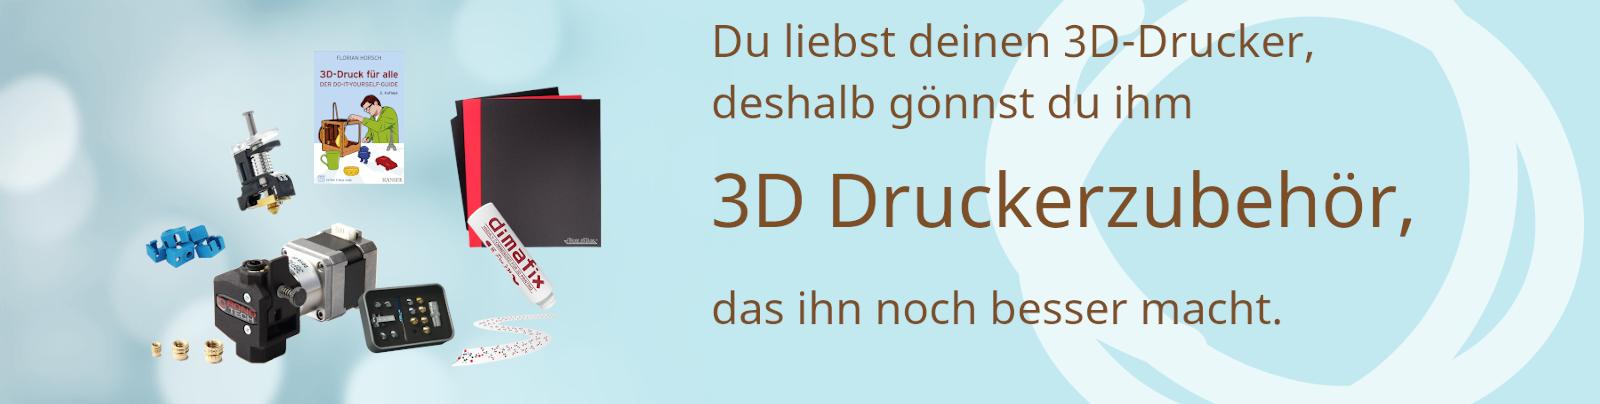 3DDruckerzubehoer